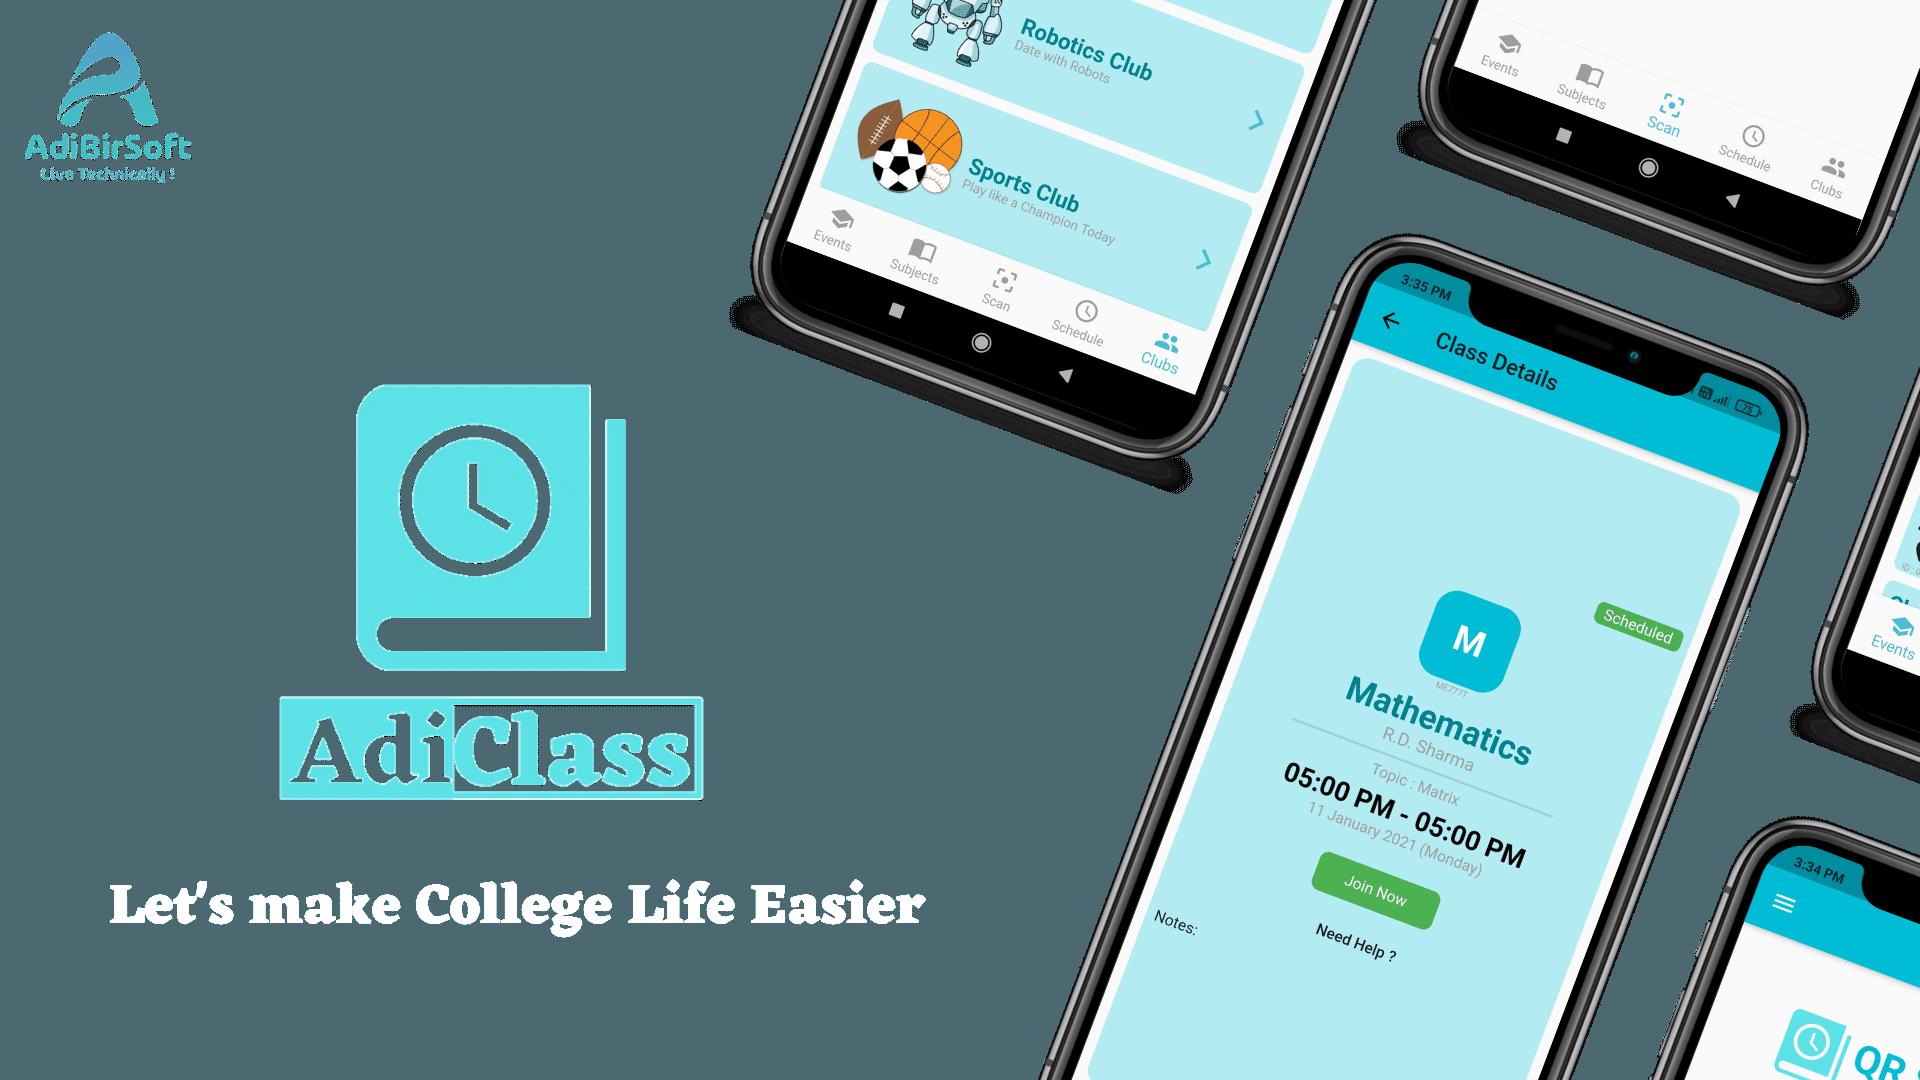 AdiClass App Intro Video